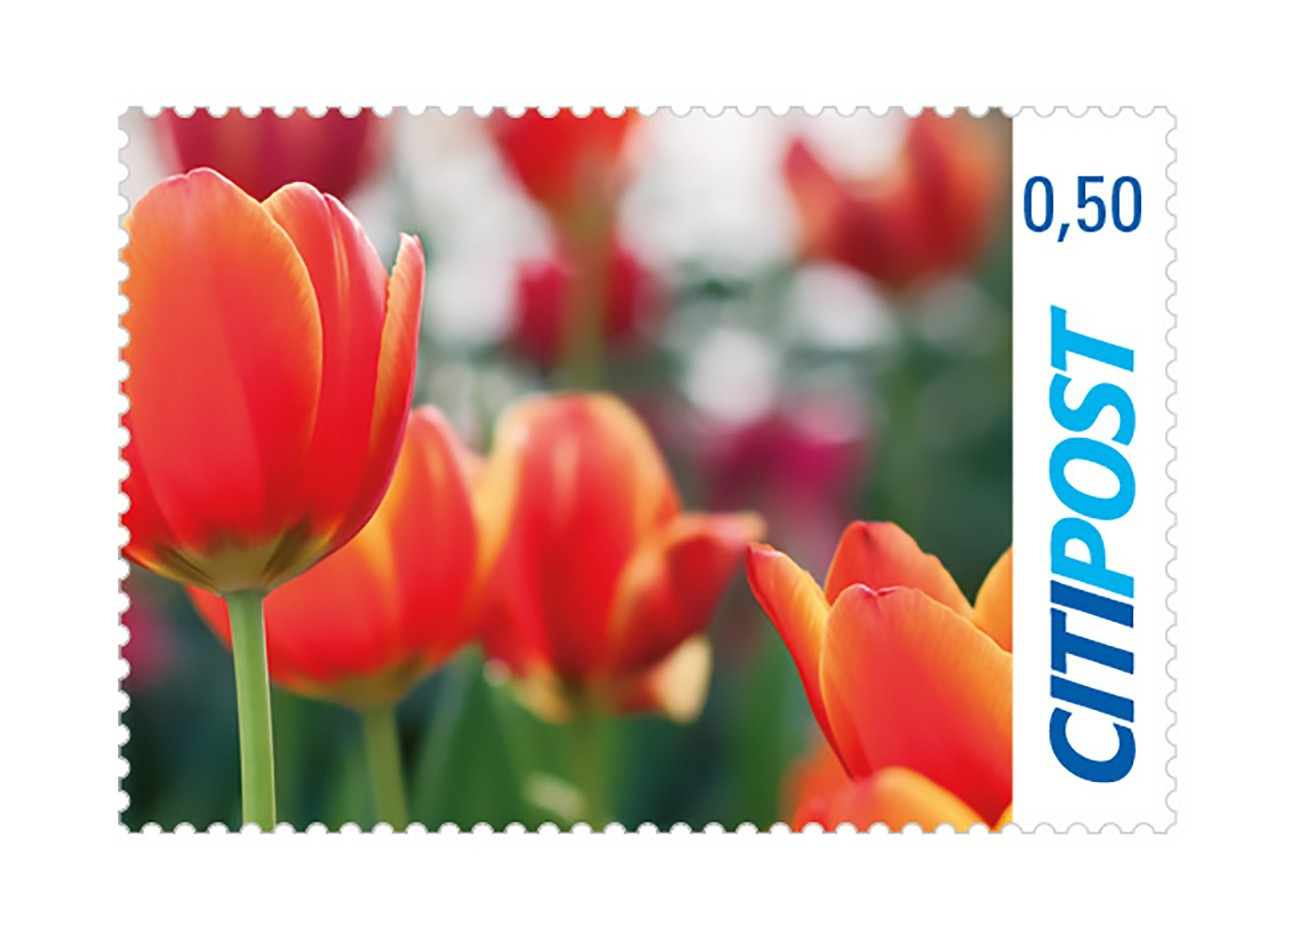 Markenheft Postkarte